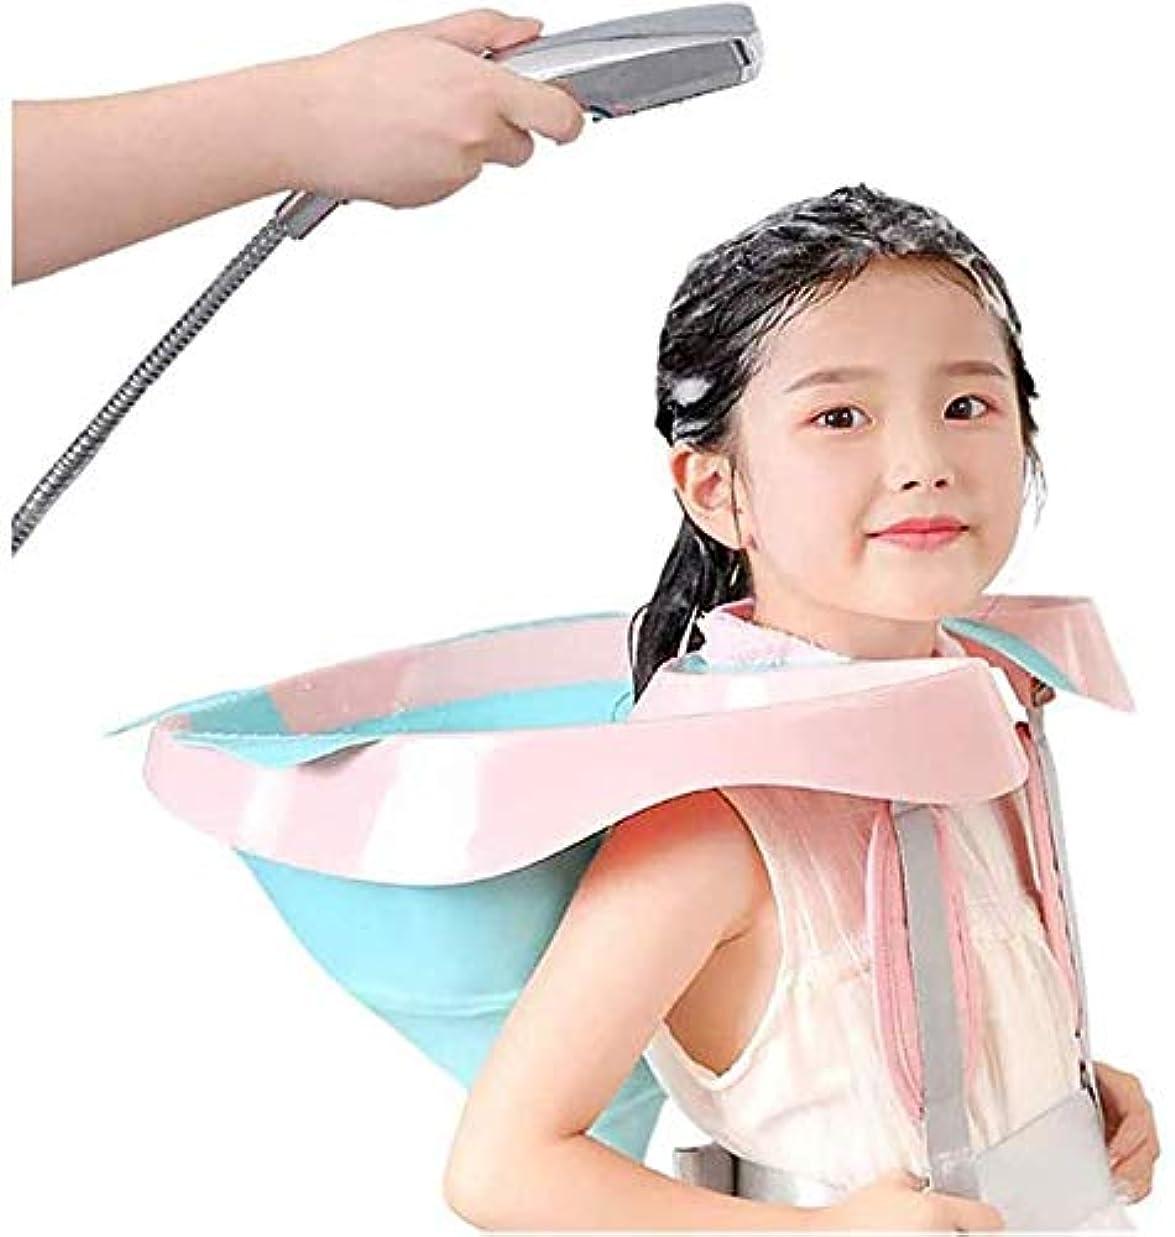 折パスポートロケーションモバイルサロンポータブル折りたたみ式シリコーンシャンプー洗面器と自宅で髪をカット、障害者の妊娠中の女性と子供のための排水管プラスチック